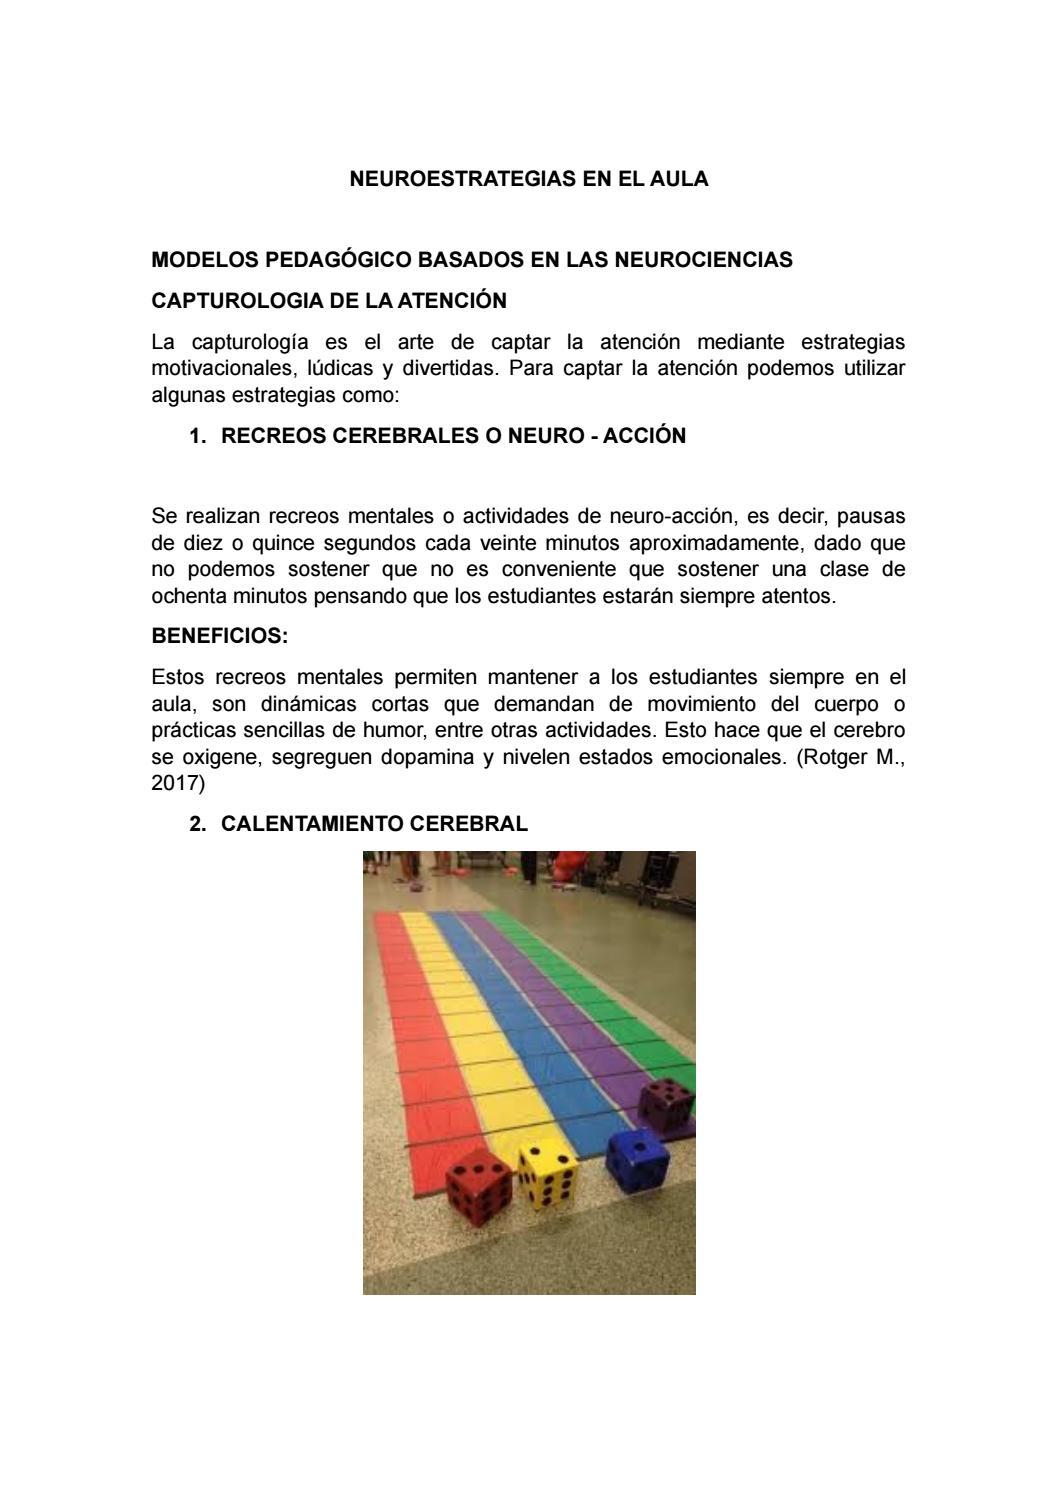 Neuroestrategias En El Aula By Jorgearteaga0363 Issuu